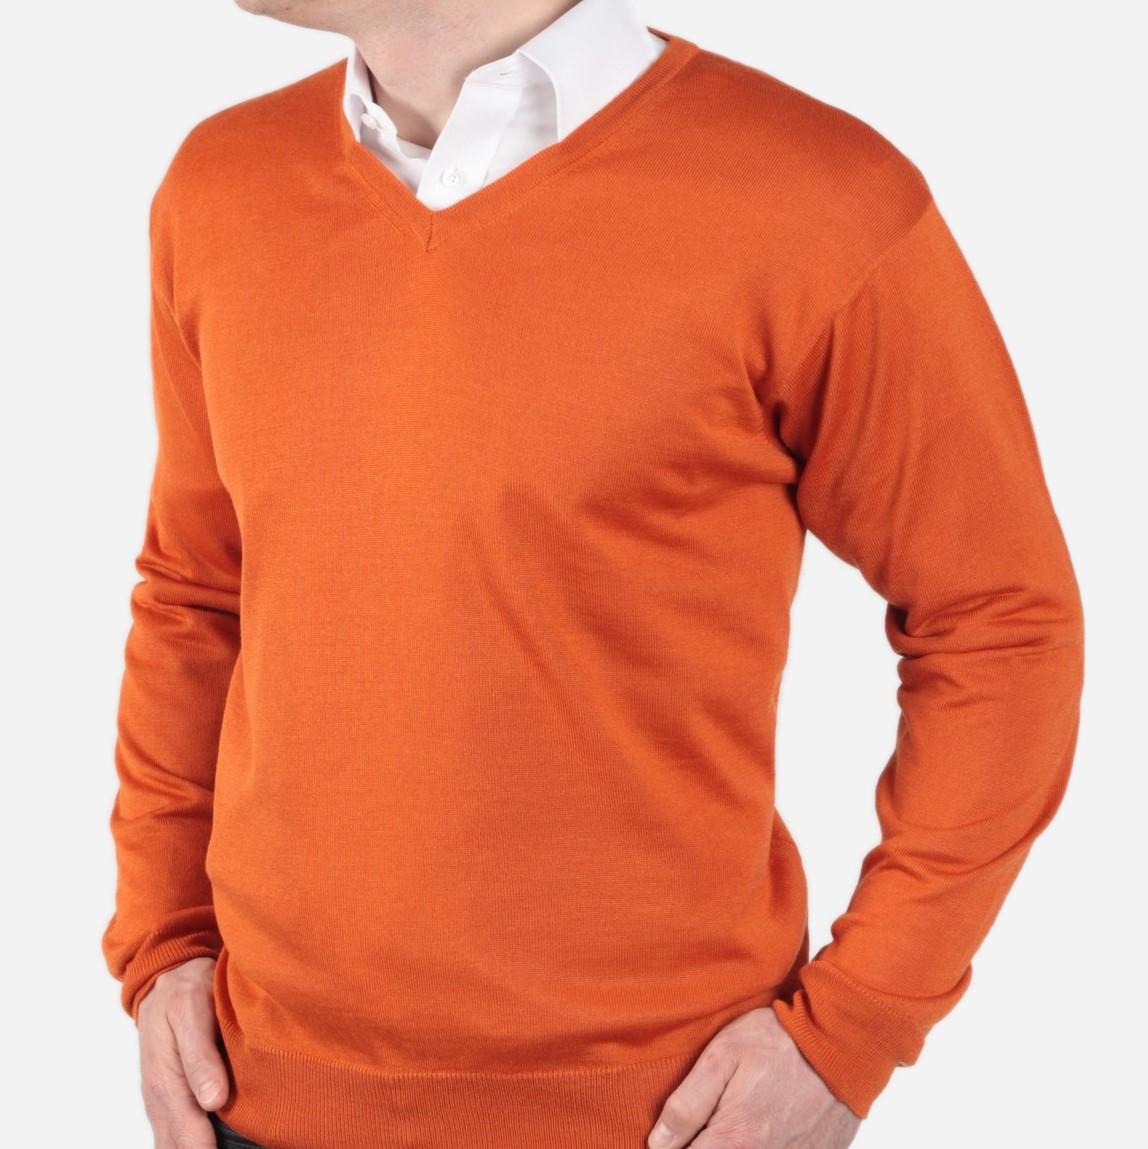 Pulower cienki Willsoor - pomarańczowy